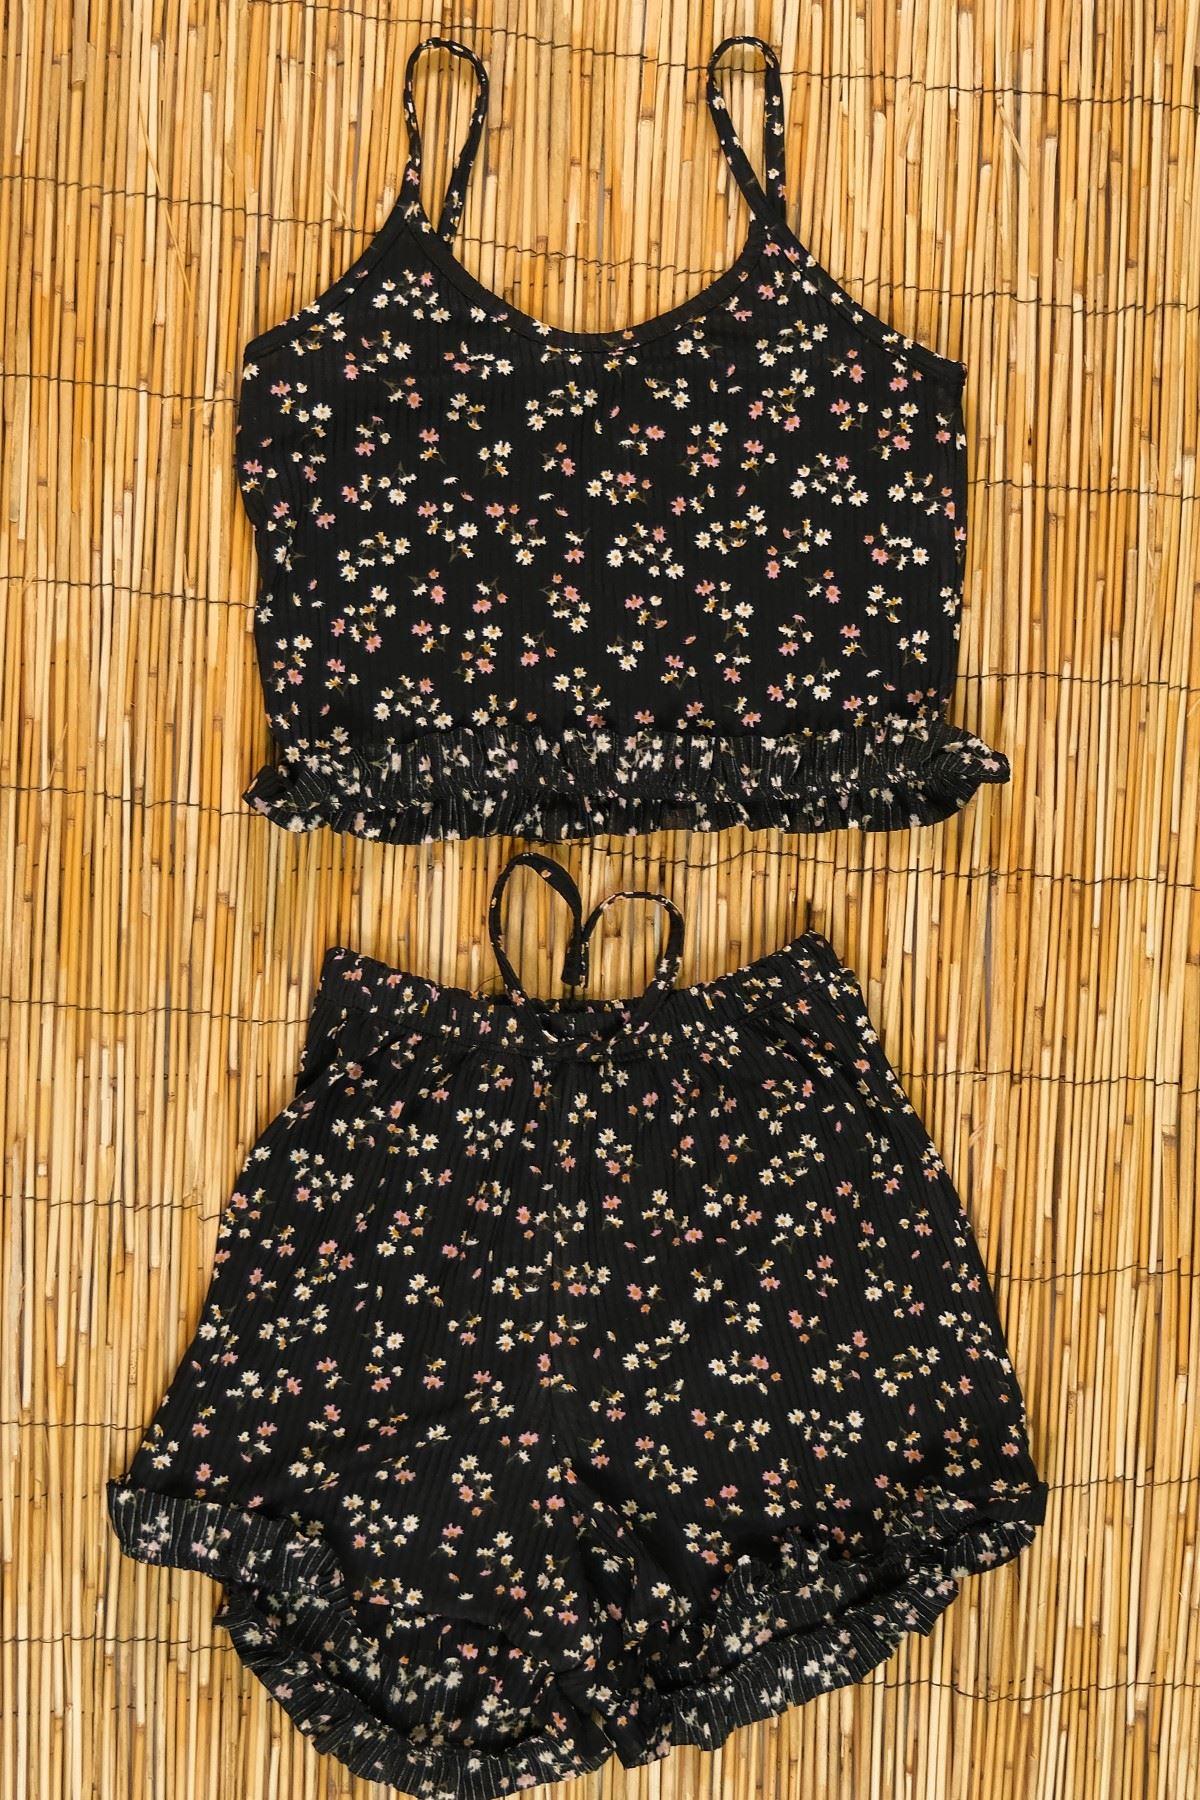 Şortlu Takım Siyahçiçekli - 5237.751.